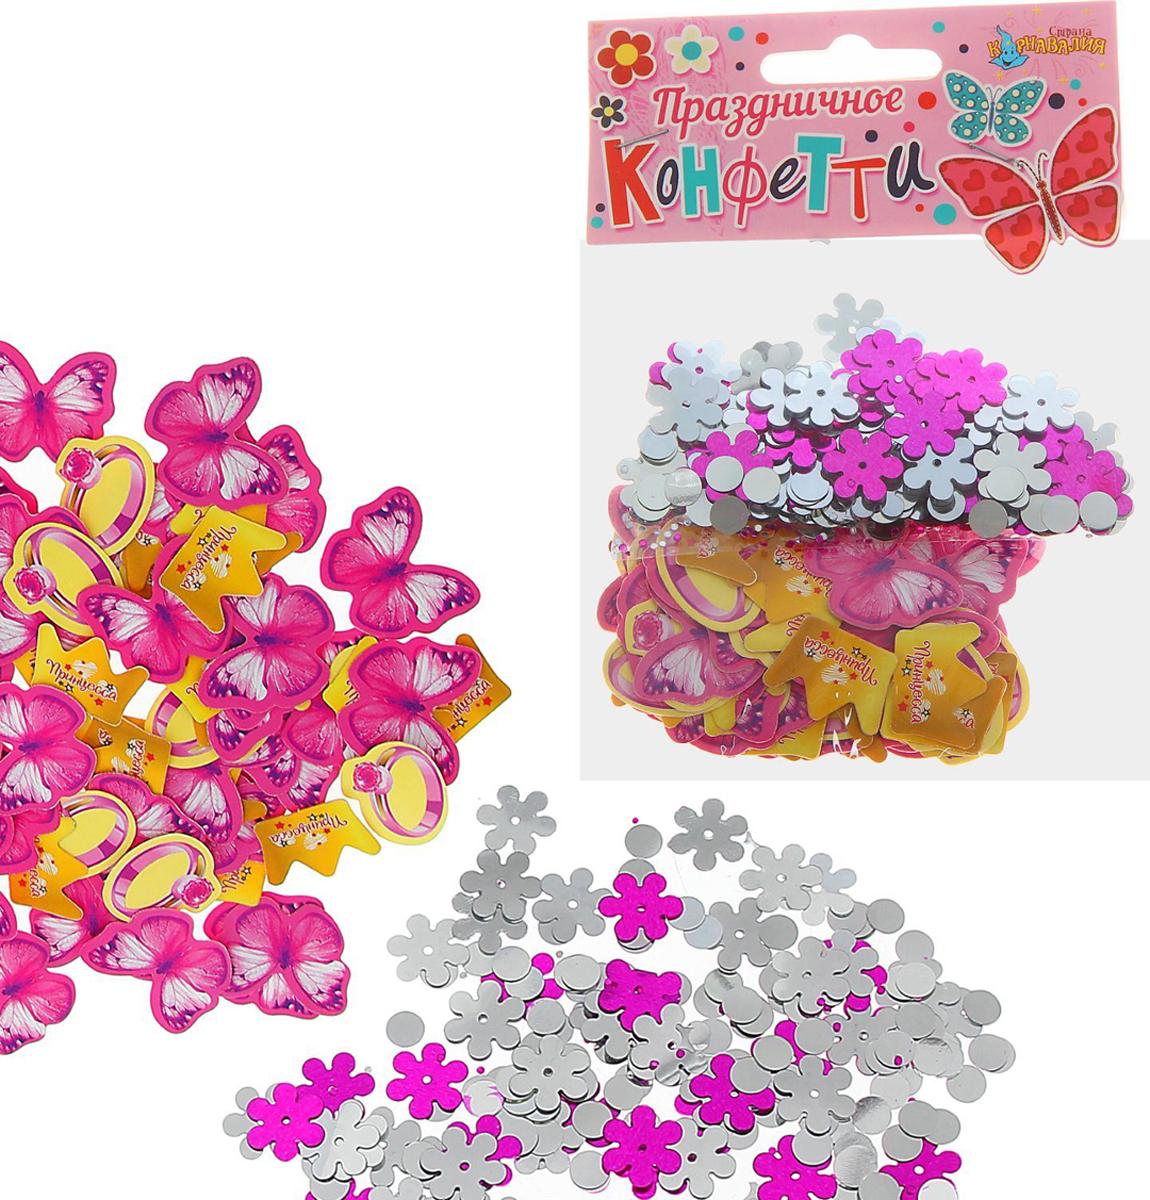 Страна Карнавалия Конфетти Принцесса набор 2 пакета + бумажное конфетти 1134842